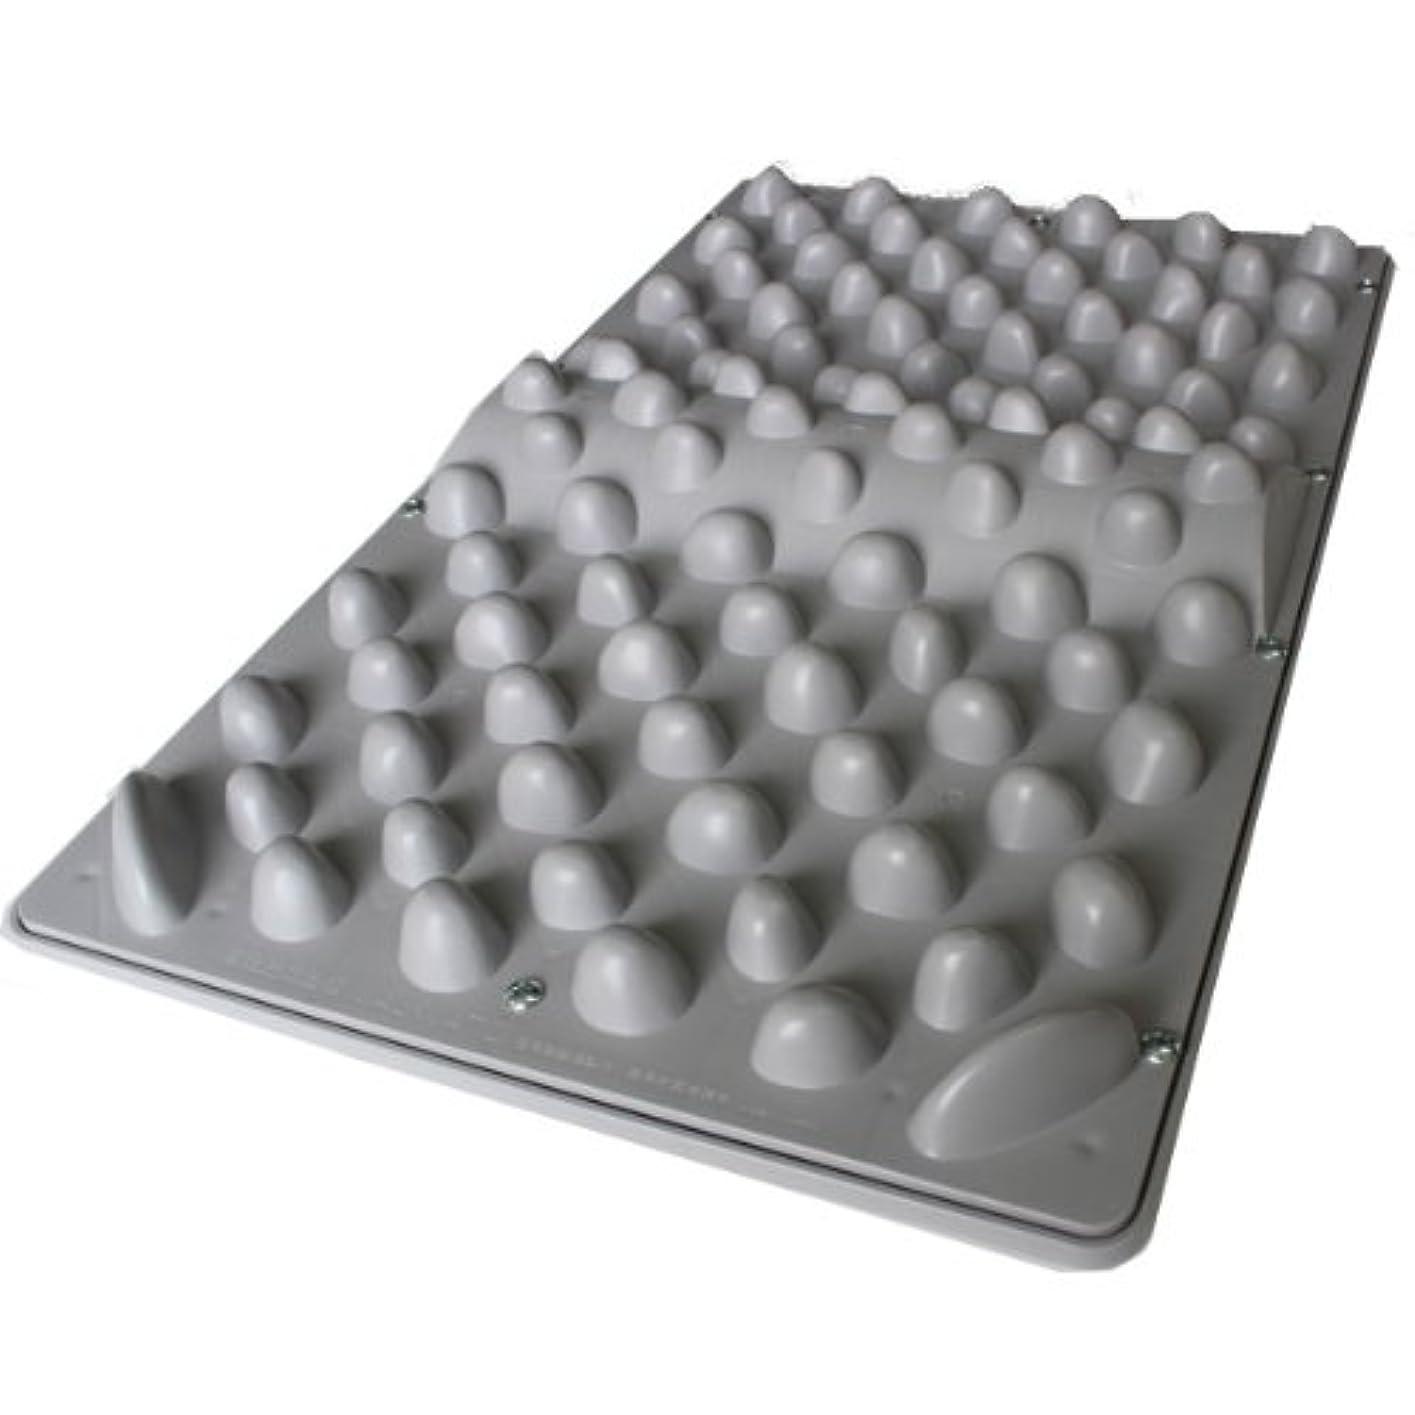 影響力のある荒涼とした家具官足法 ウォークマットⅡ 裏板セット(ABS樹脂製補強板付き)